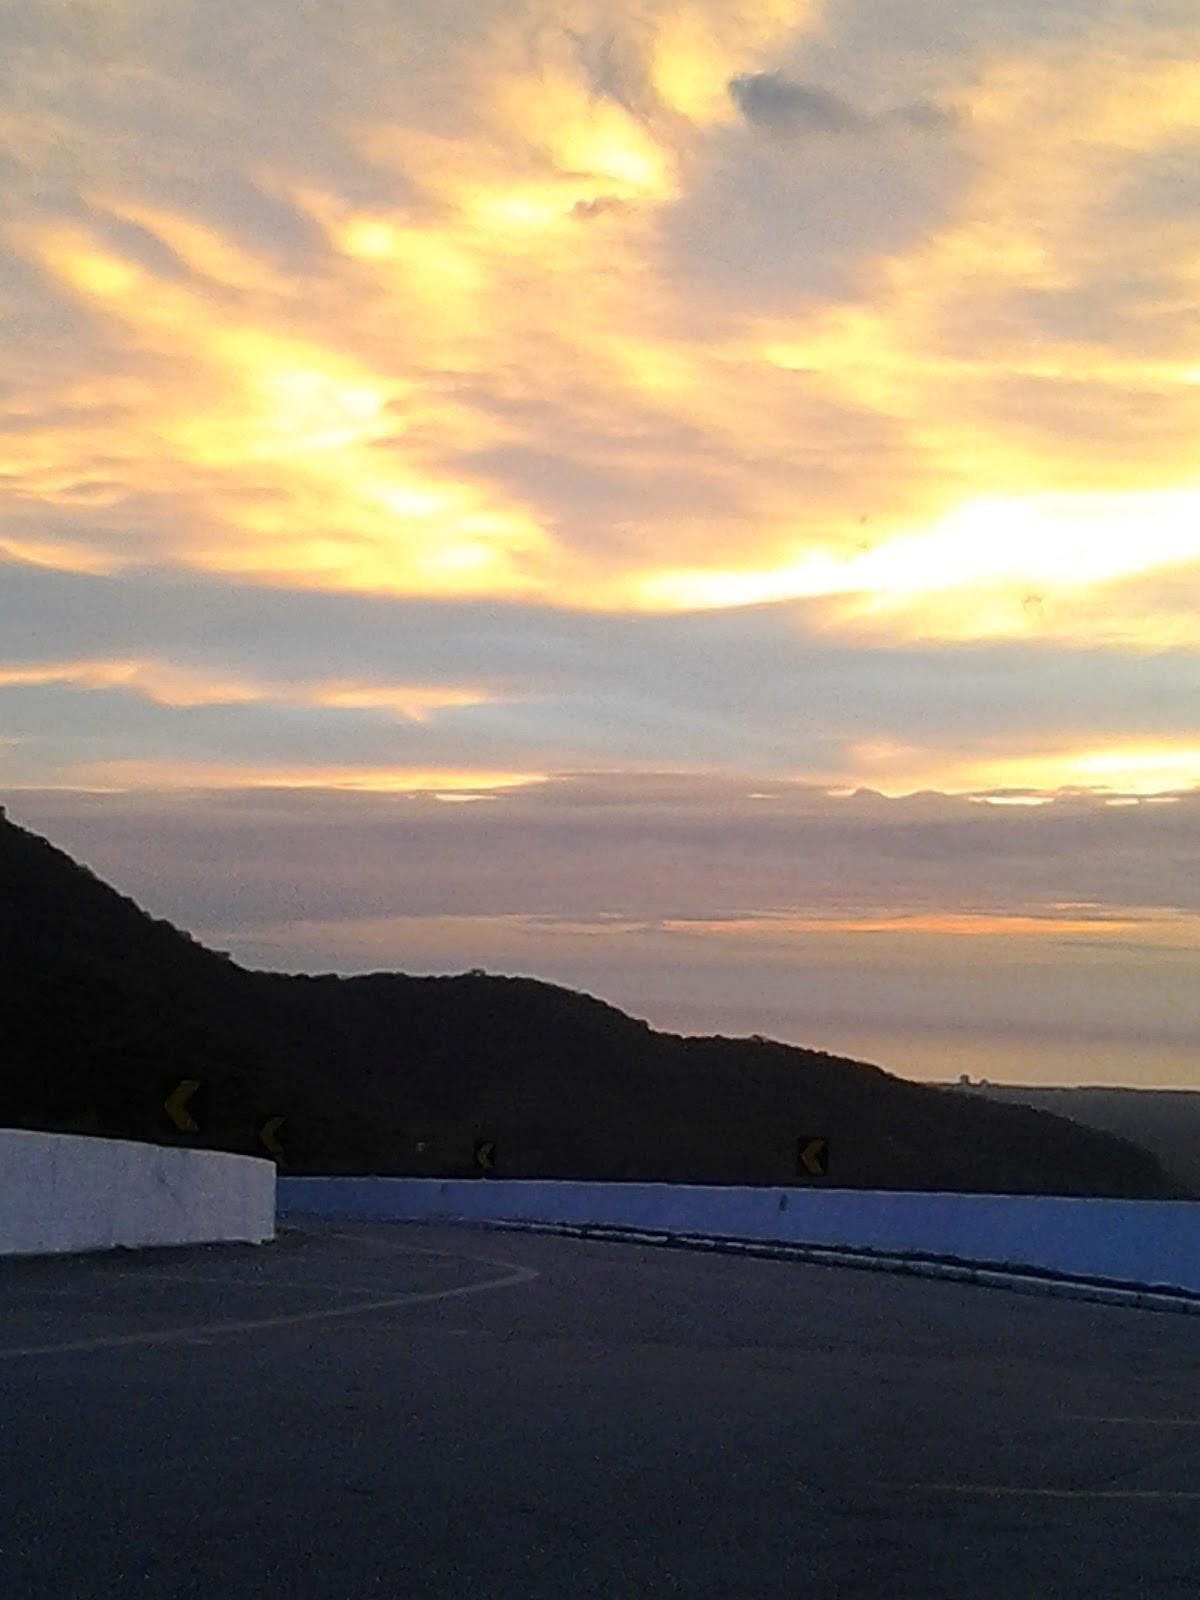 Foto tirada na estrada de Bertioga